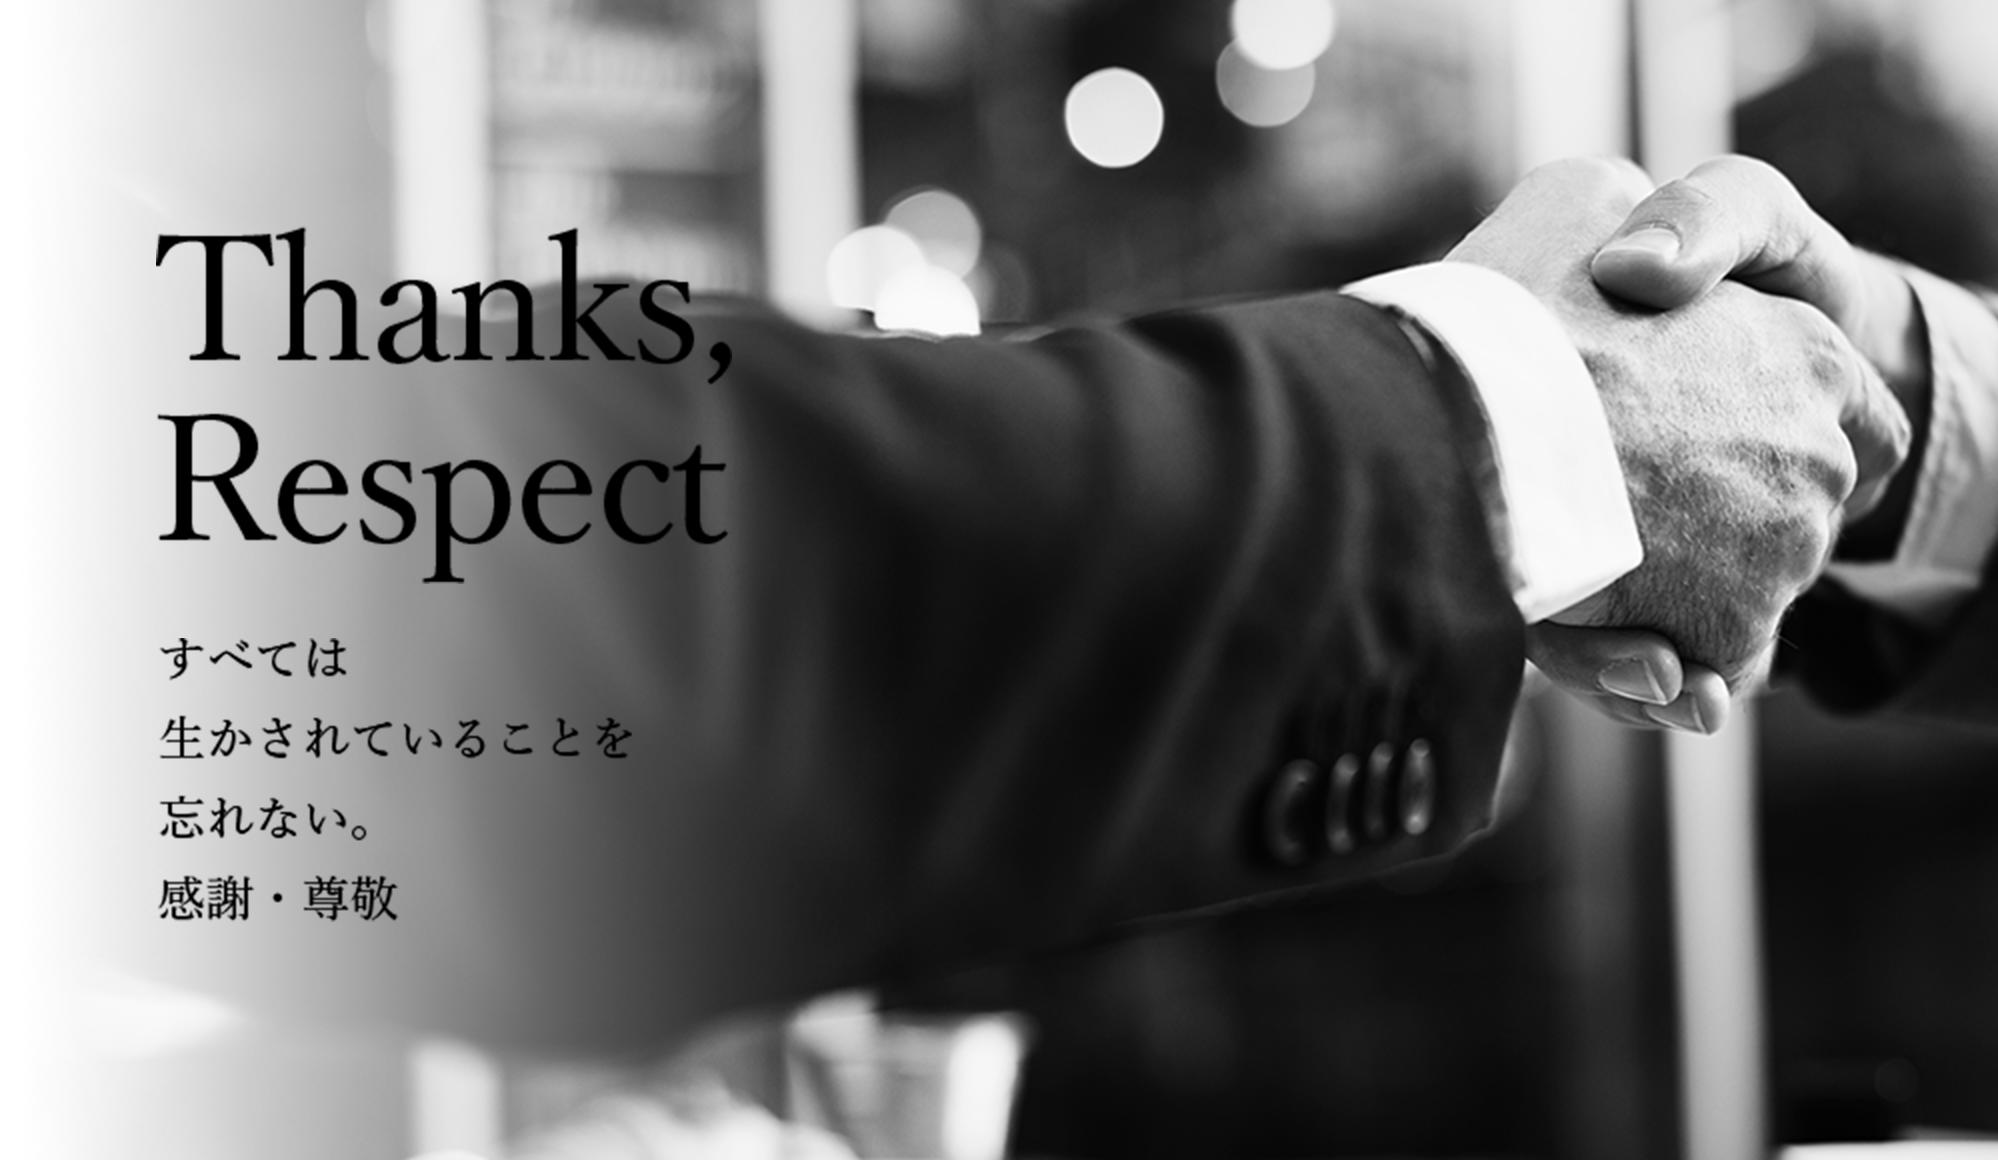 Thanks, Respect すべては 生かされていることを 忘れない。 感謝・尊敬